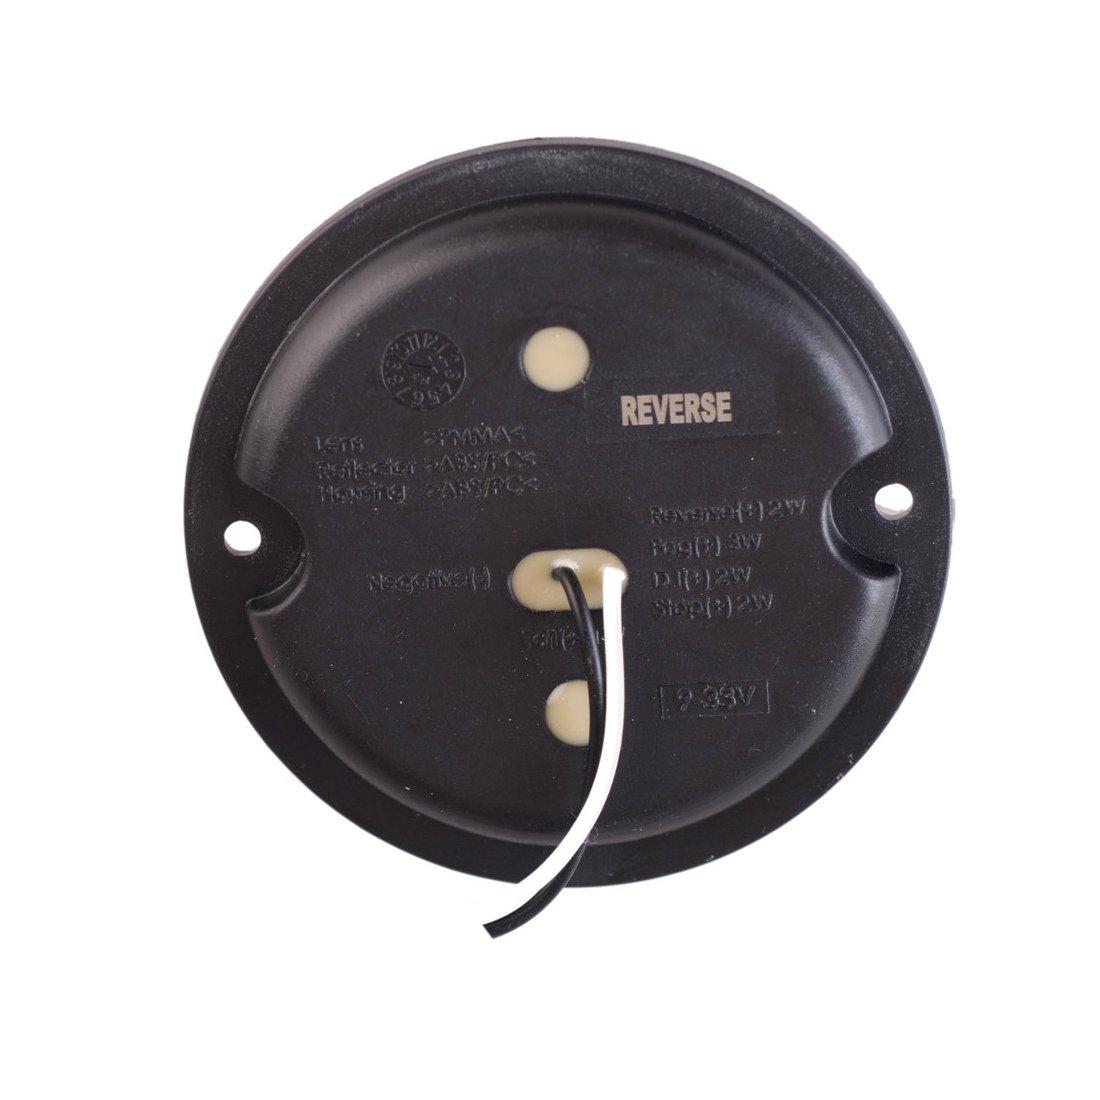 WildAuto 2 pcs Feu arri/ère 15 LEDsInverse Lampe Reverse Indicator WaterProof V/éhicule Lamp pour Remorques Camions Bateaux Caravane etc( Blanc 12V//24V